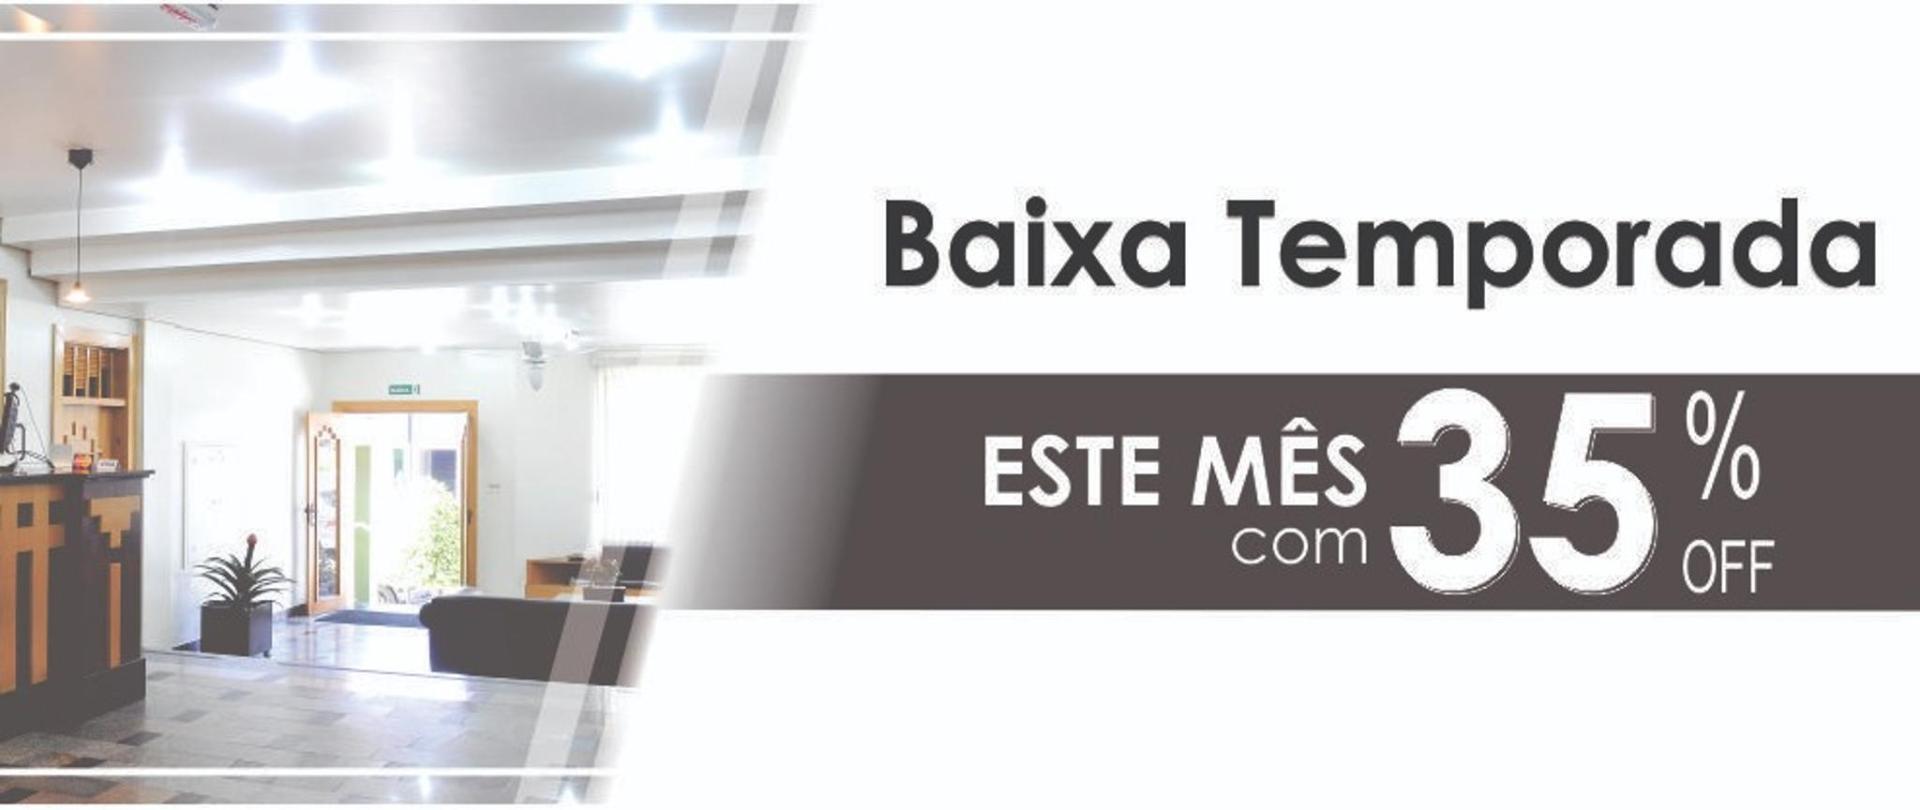 Promocao 2019 Baixa temporada2.jpg